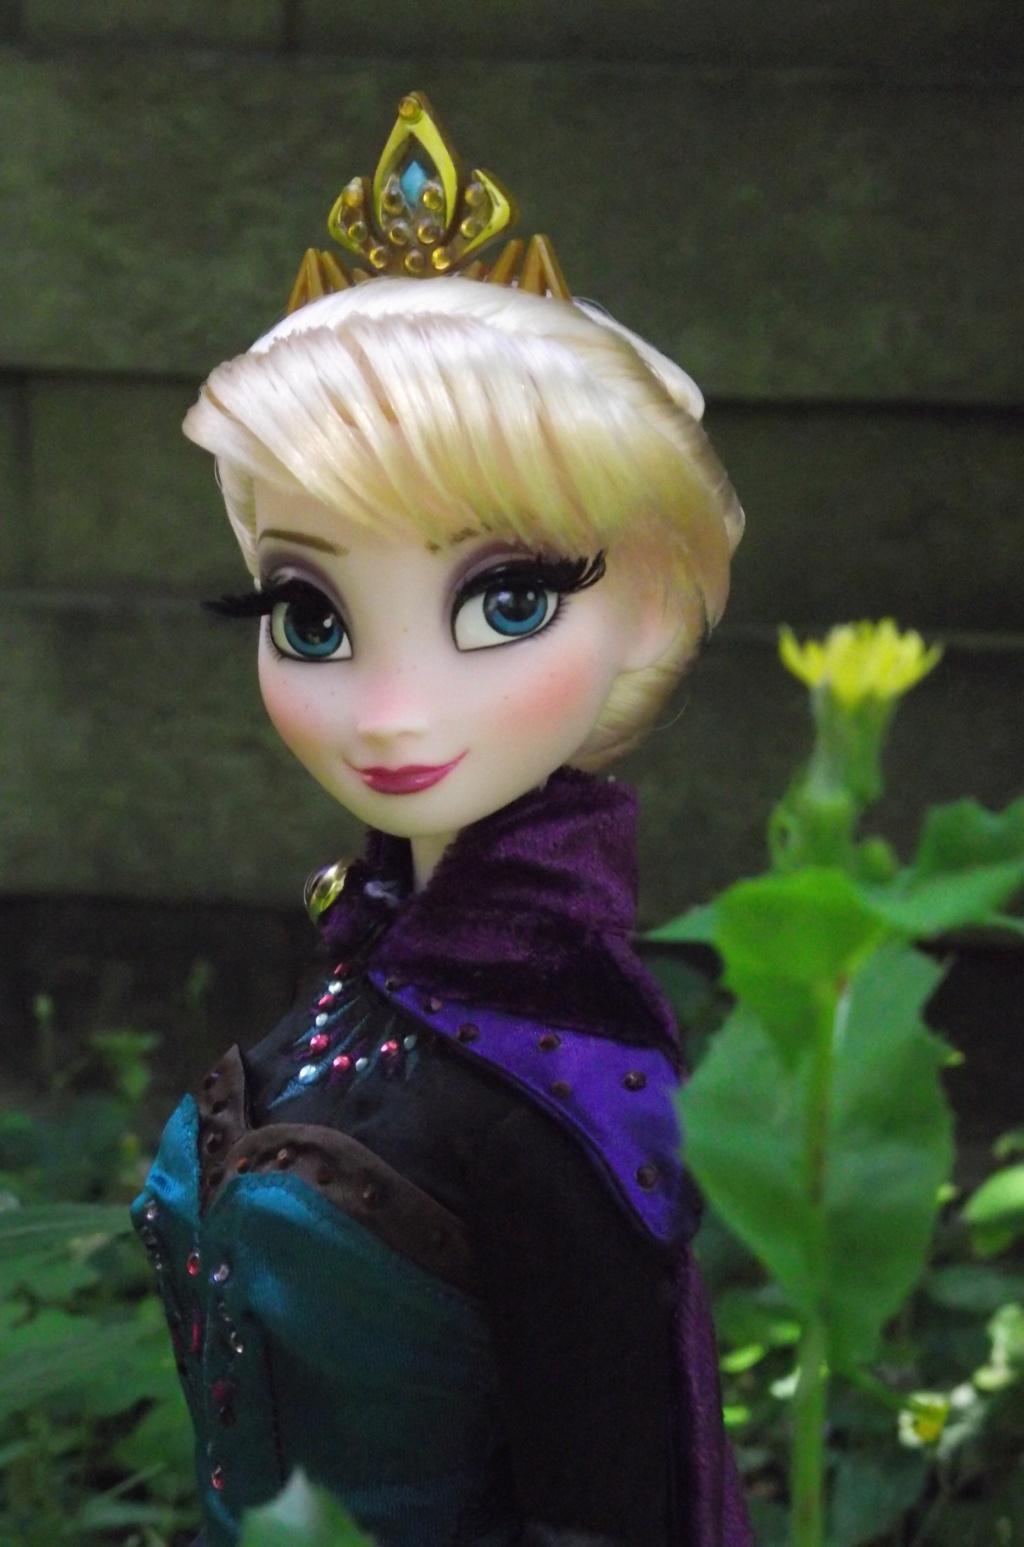 Nos poupées LE en photo : Pour le plaisir de partager - Page 29 Dscf4027